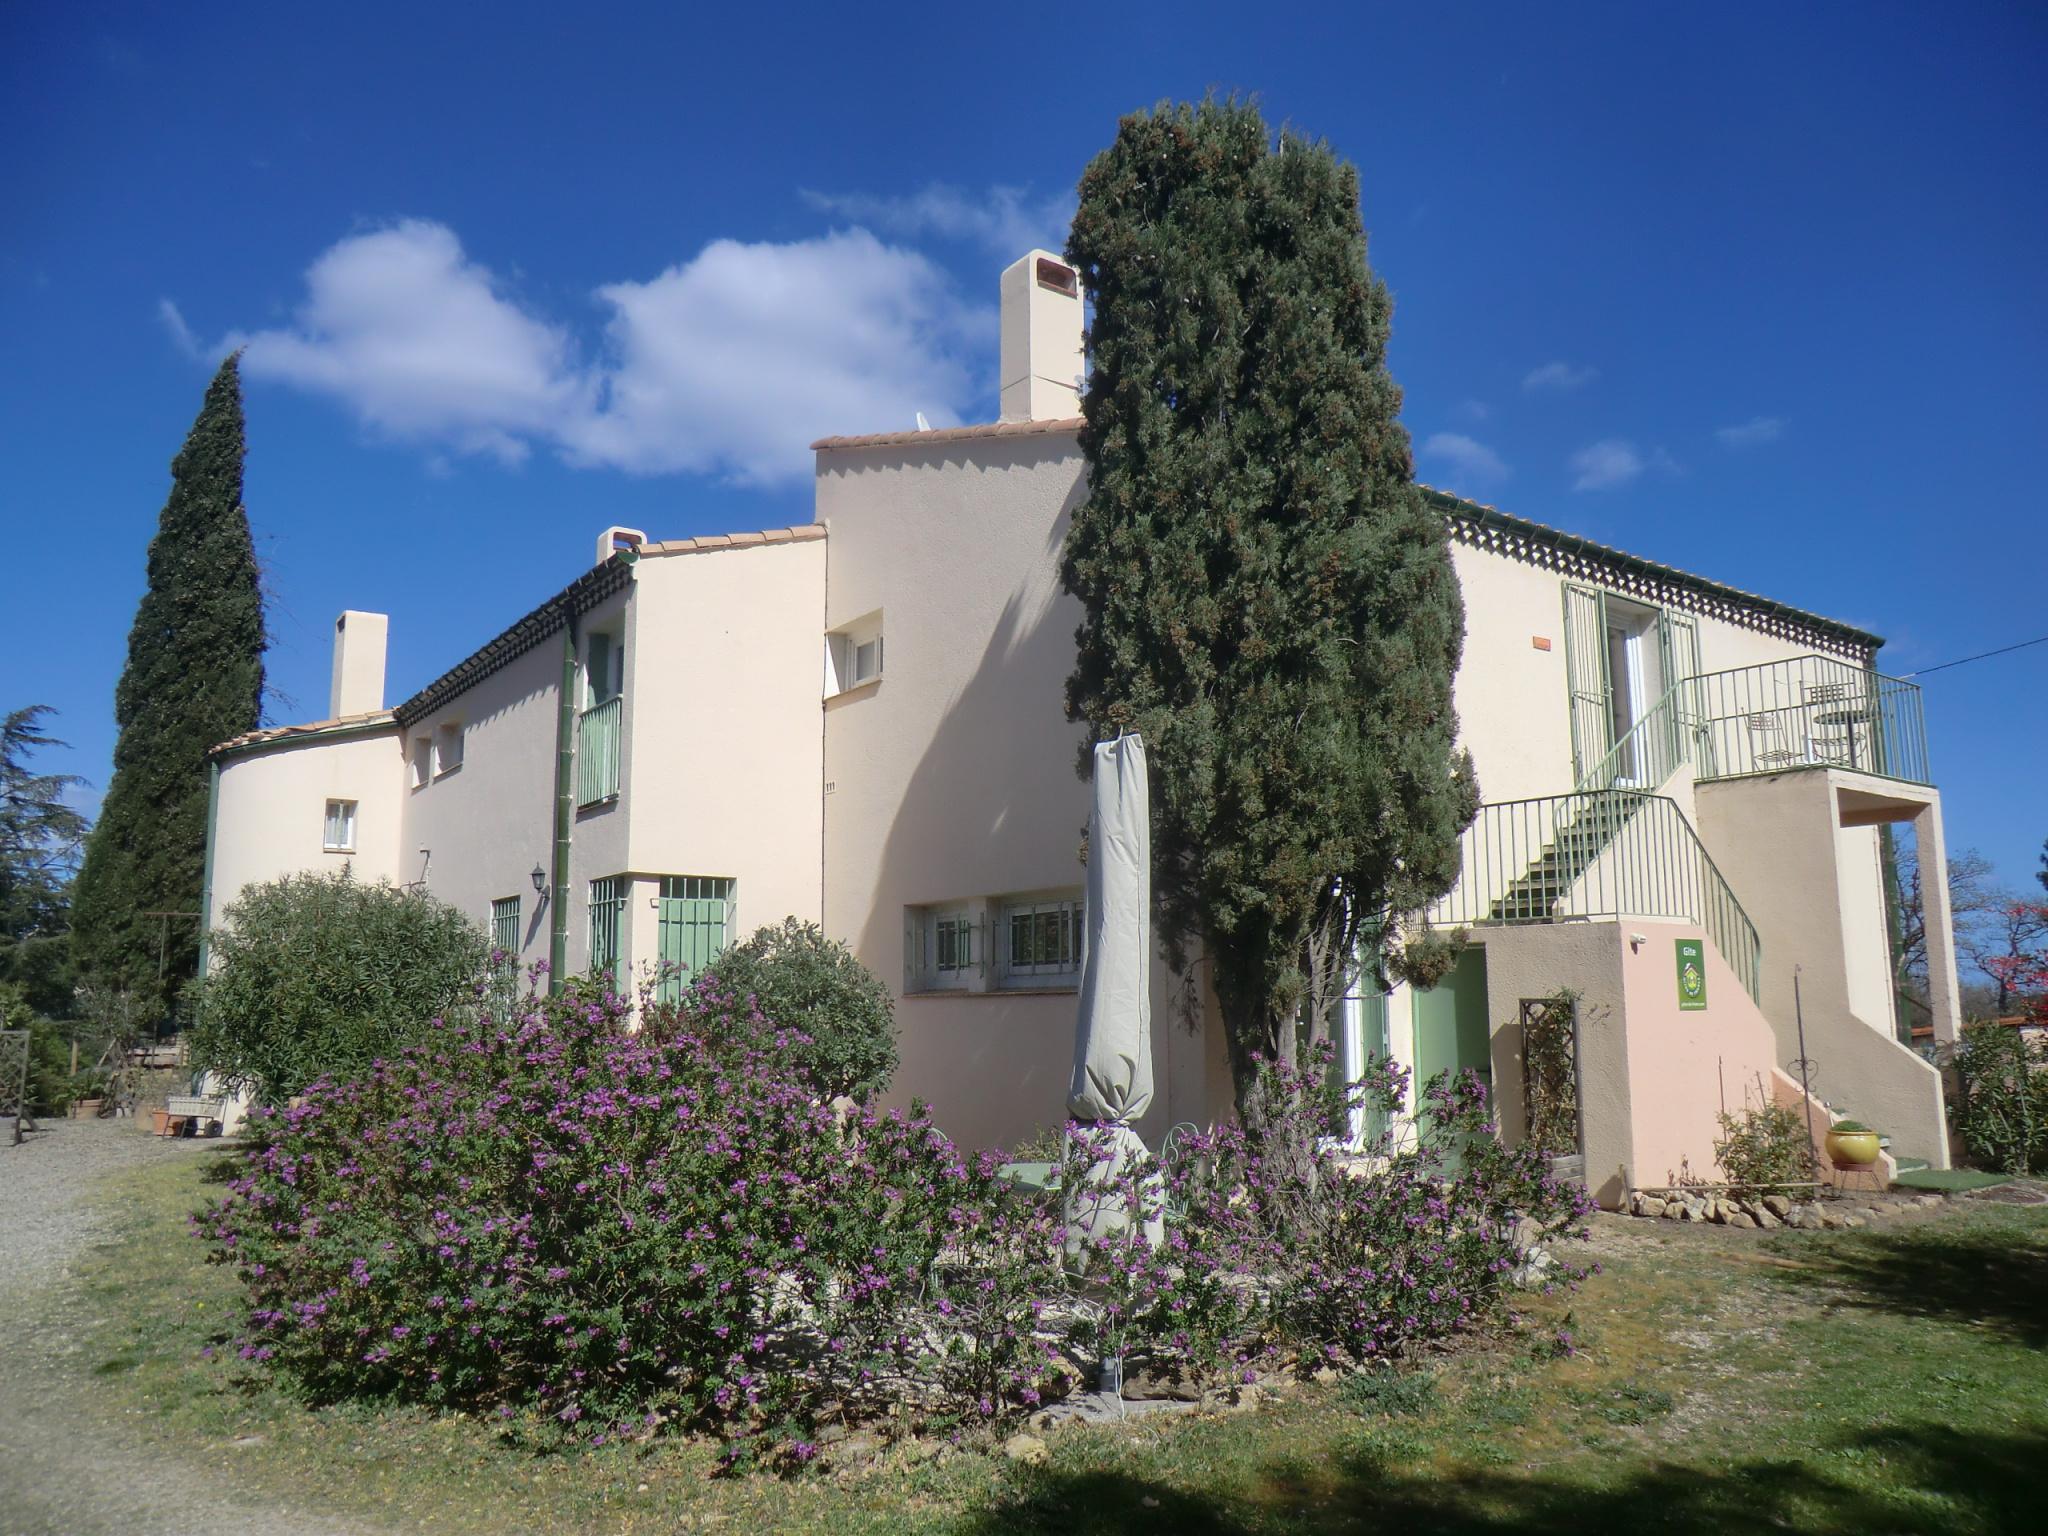 À vendre maison/villa de 500m2 à argeles sur mer (66700) - Photo 2'